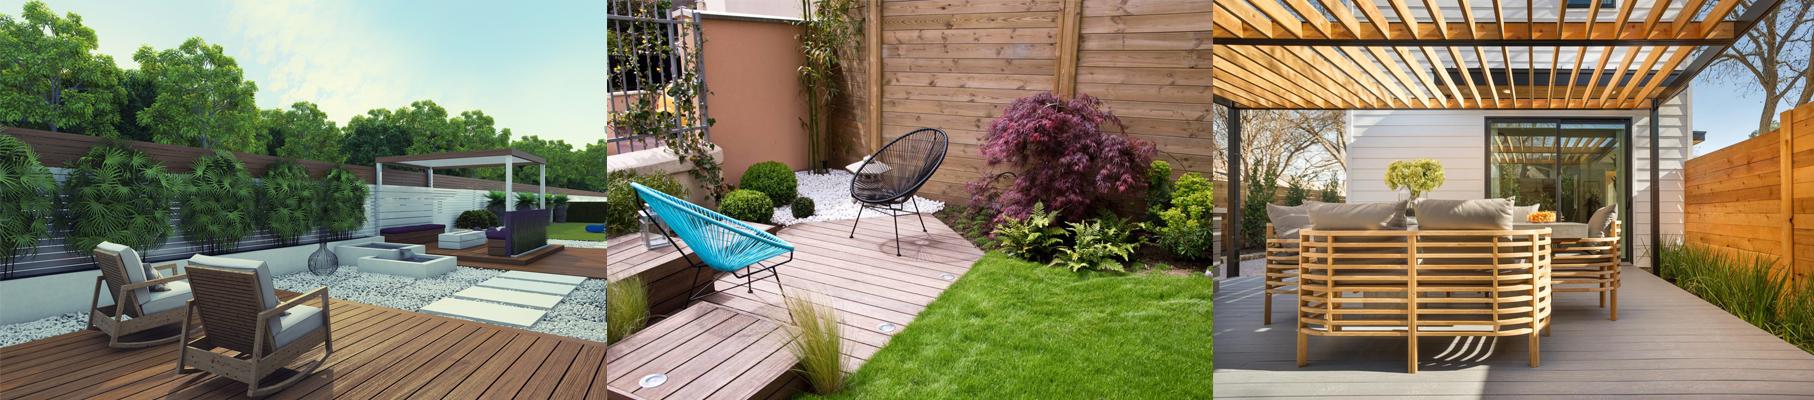 cloturer une terrasse simple ides pour trouver clture sa haie with cloturer une terrasse une. Black Bedroom Furniture Sets. Home Design Ideas